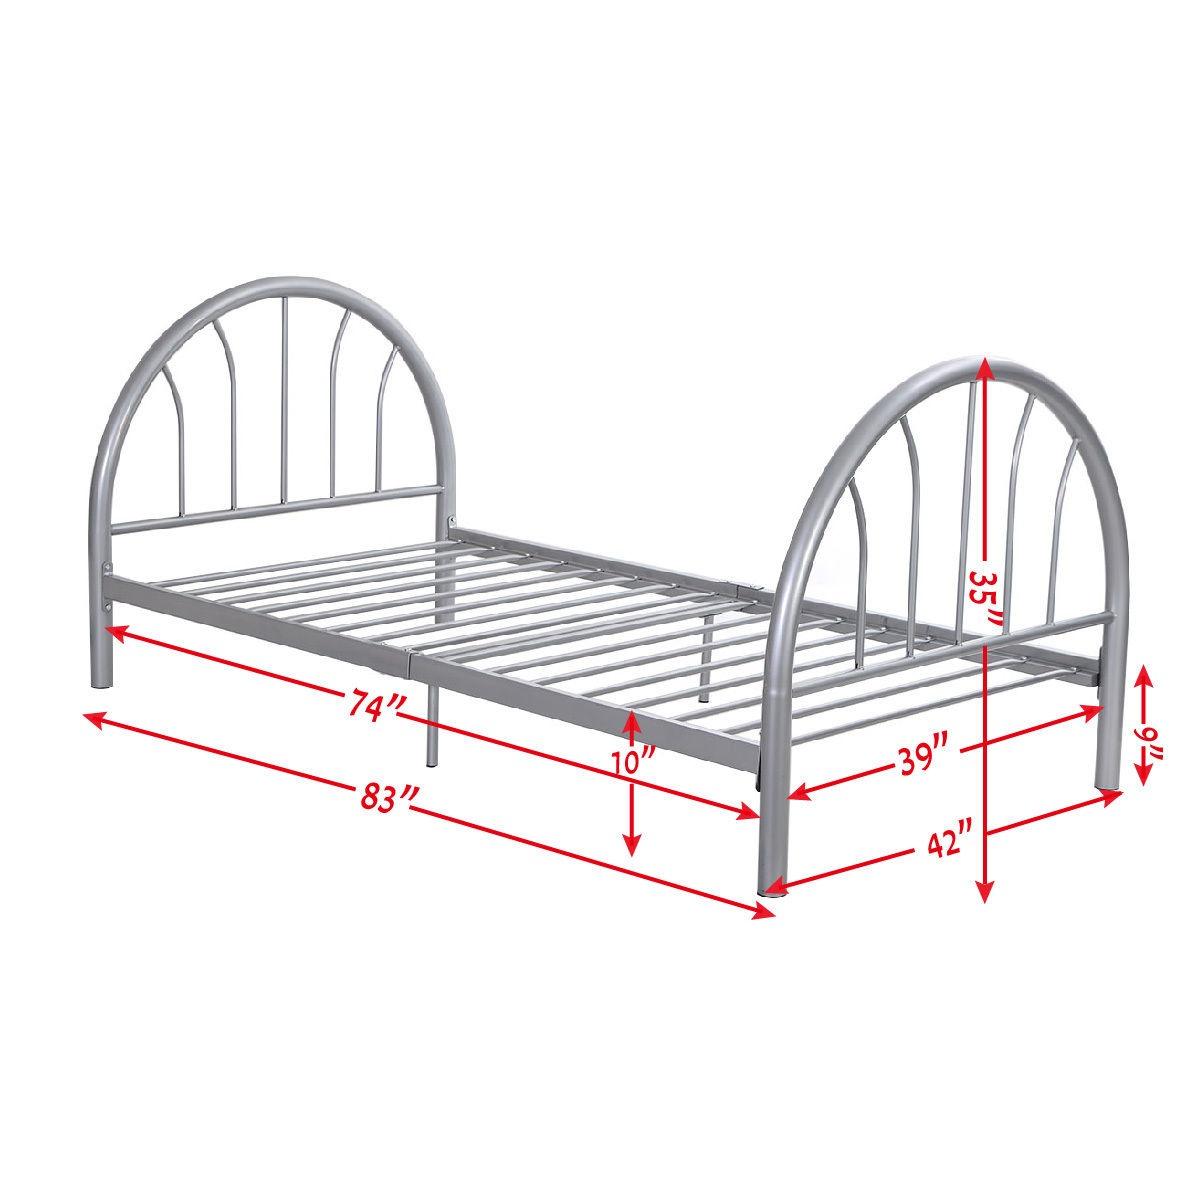 Base De Metal Para Cama 83x42x35 - $ 11.061,02 en Mercado Libre